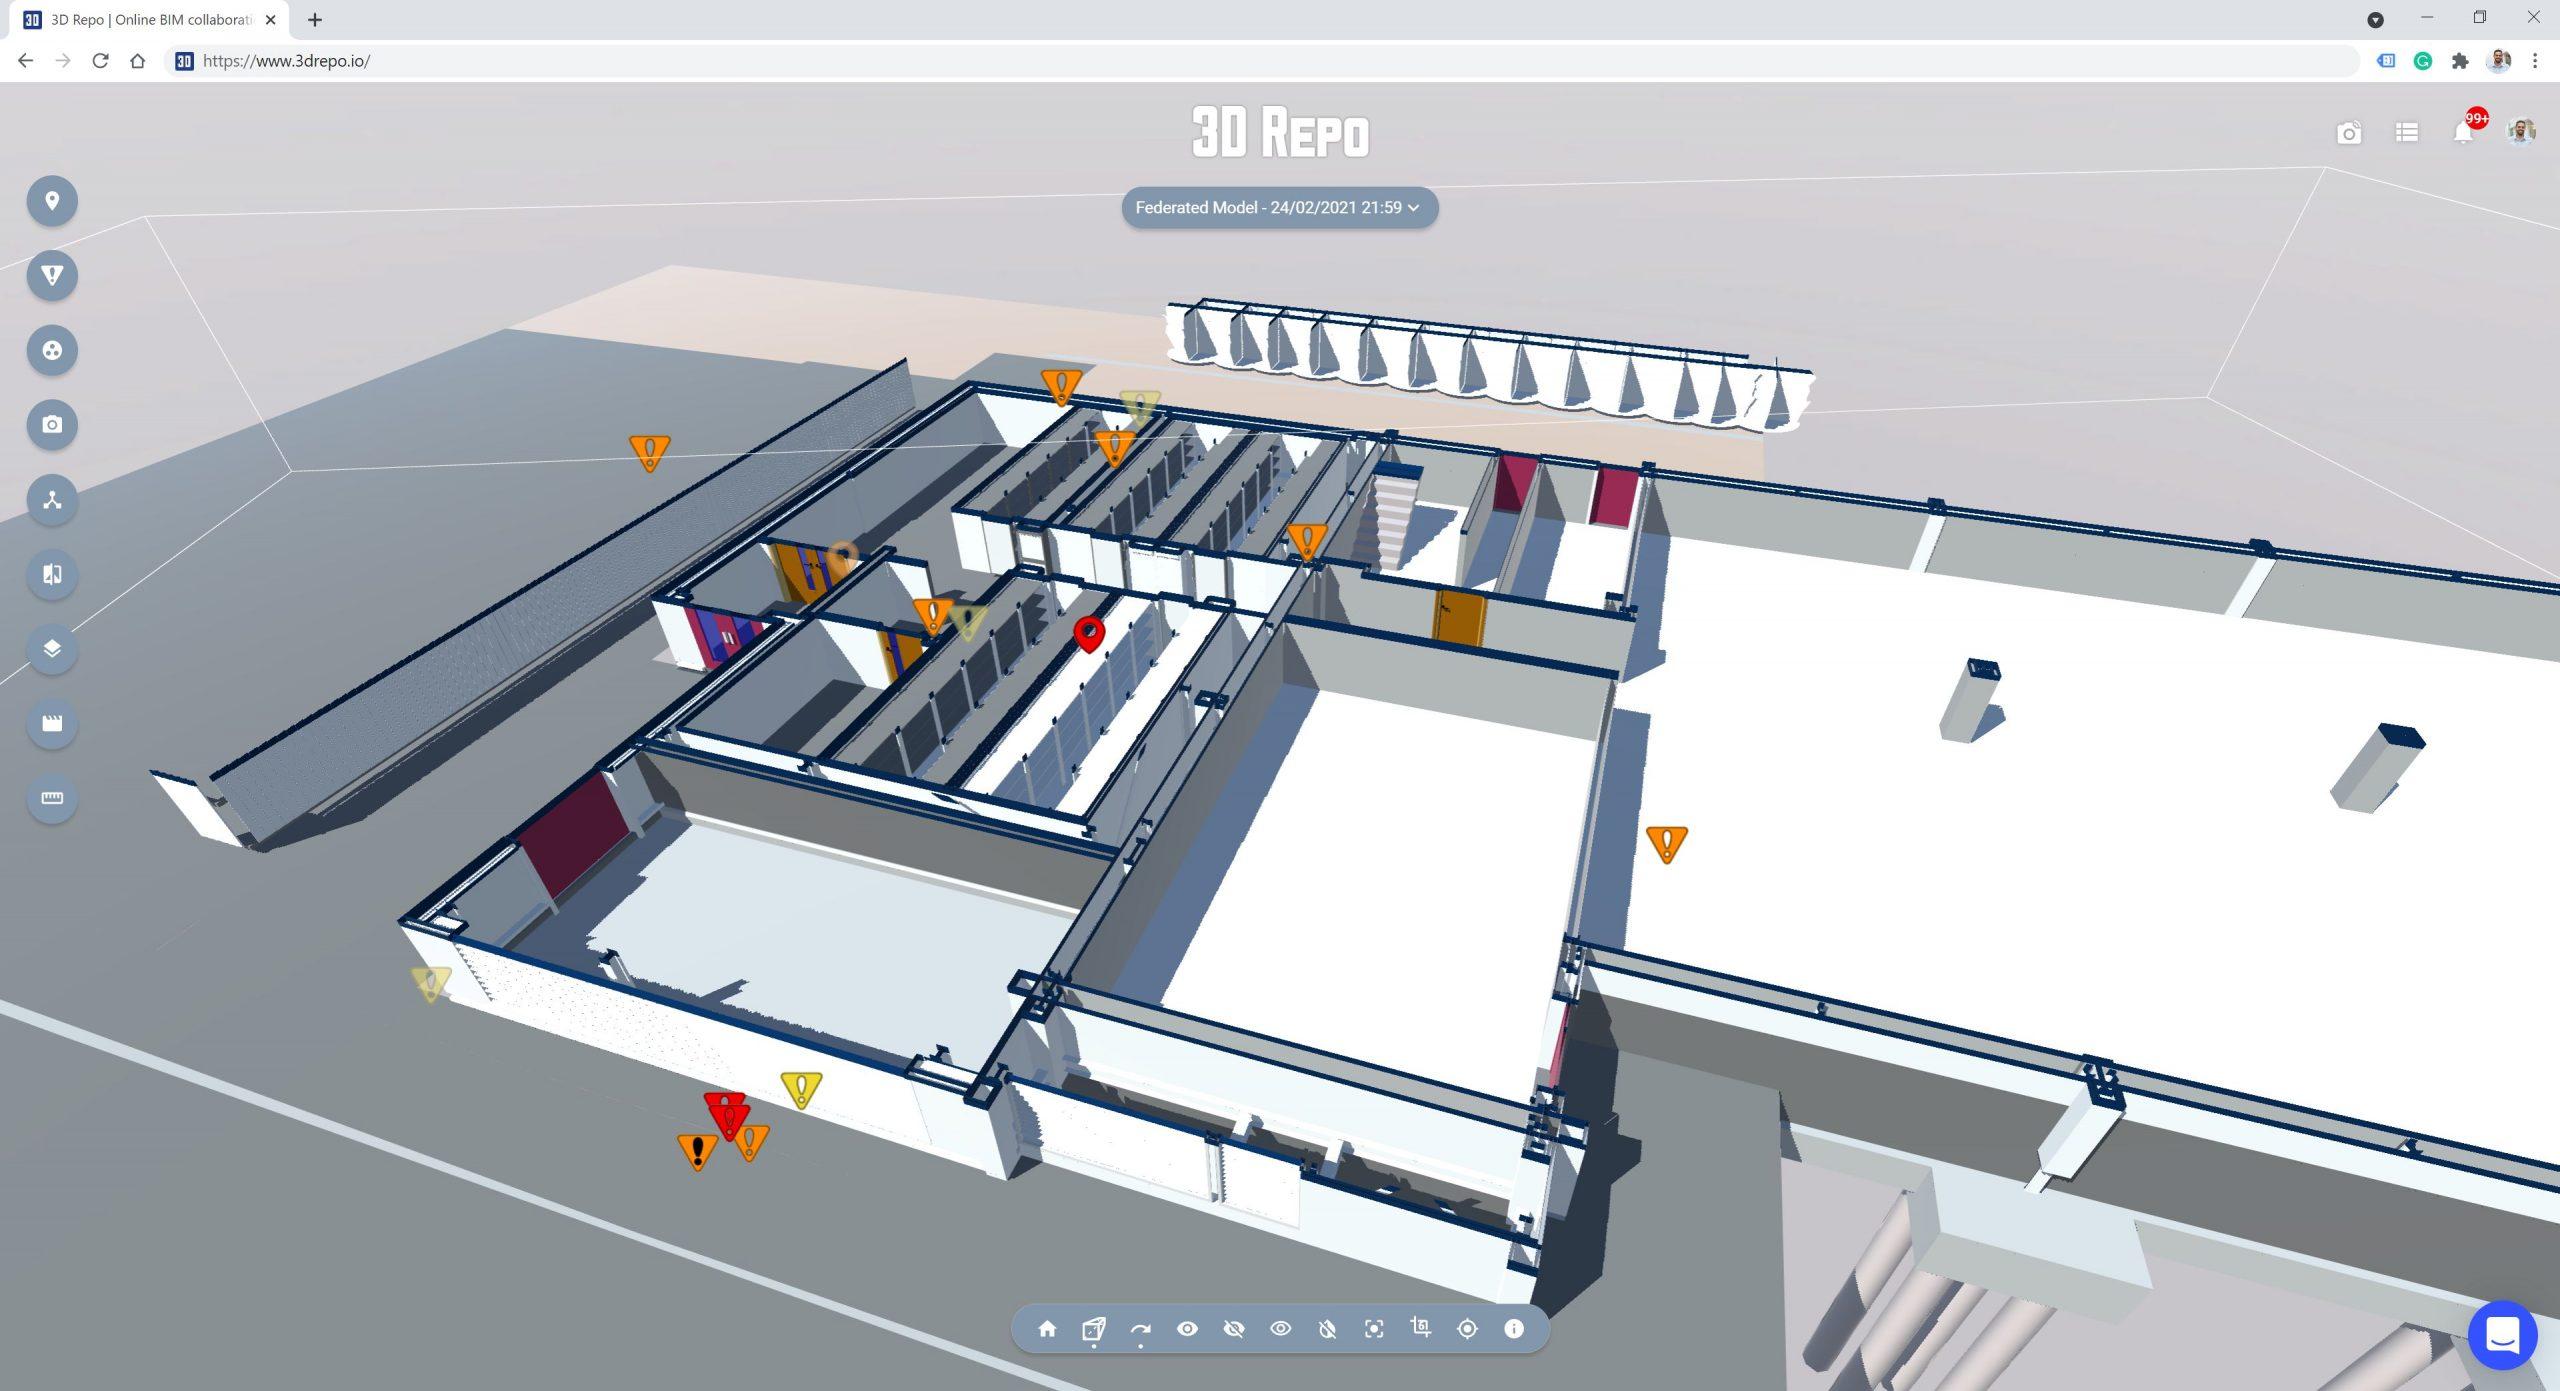 3D Repo SafetiBase